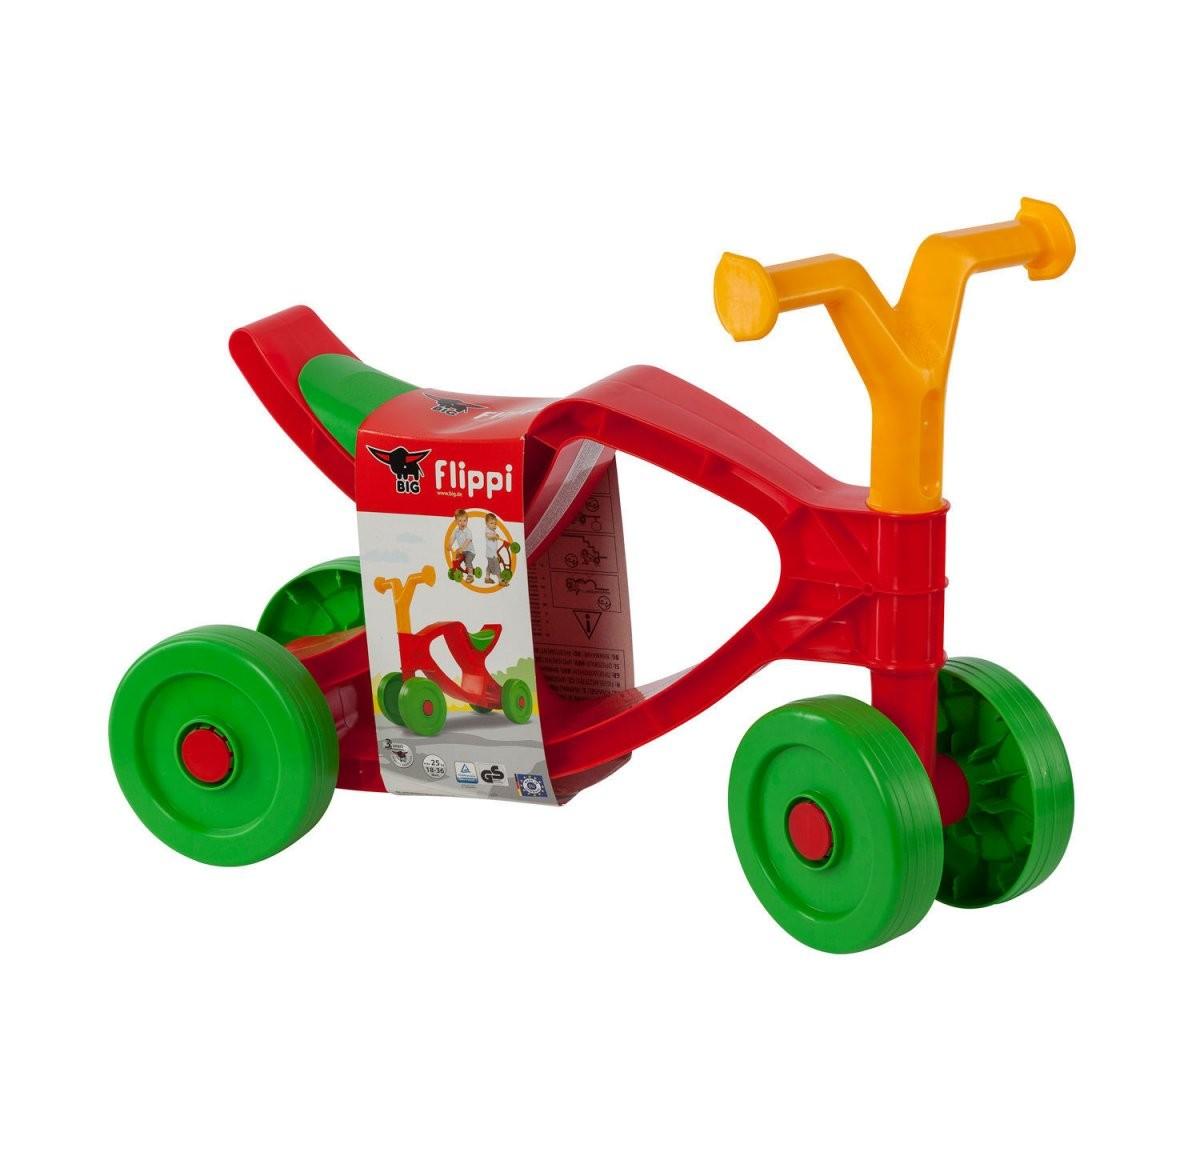 Spielzeug Auf Rechnung Trotz Schufa Kauf Auf Rechnung Shops ᐅ Die von Spielzeug Auf Rechnung Trotz Schufa Bild